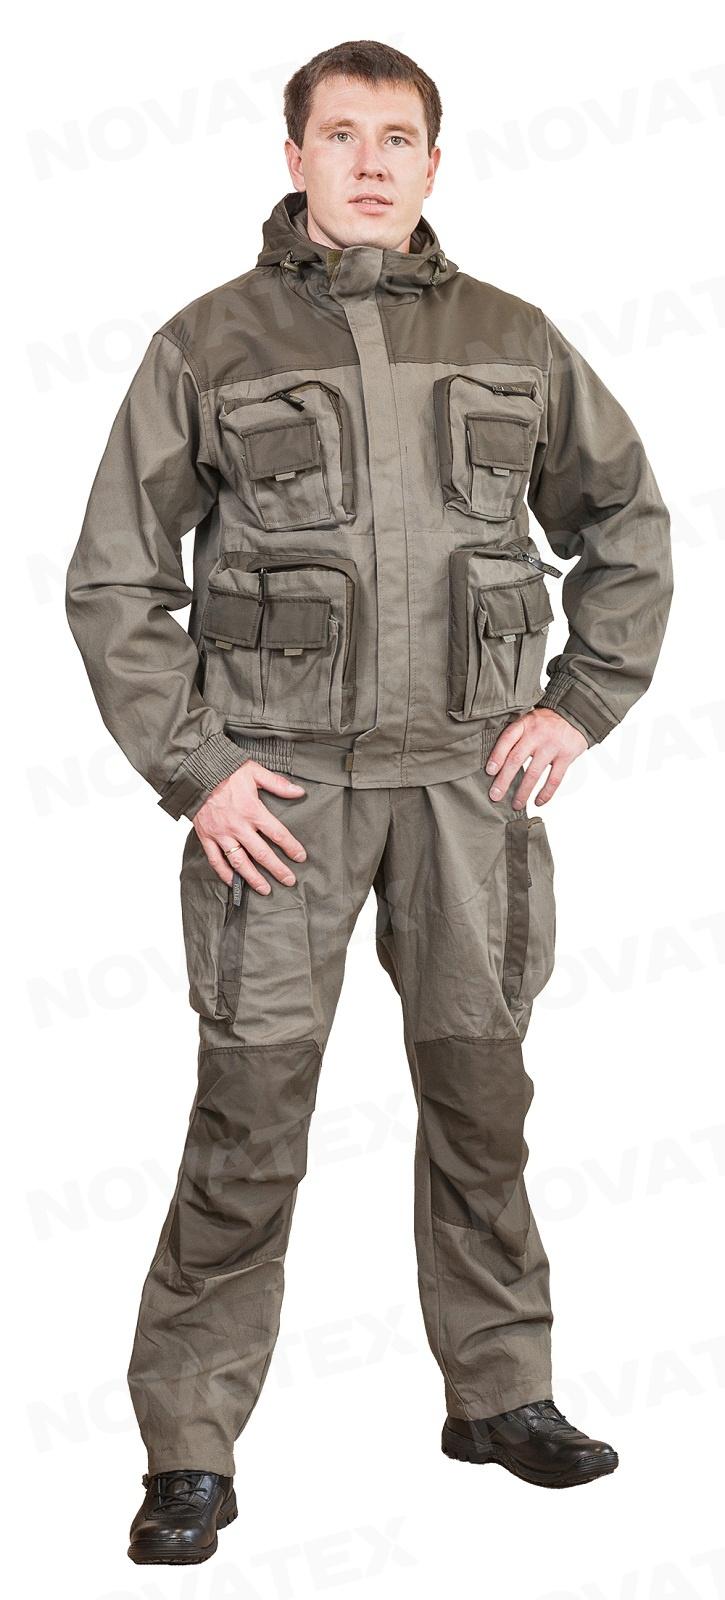 Костюм «Пайер» (канвас, т.хаки ) PAYER (48-50 рост Костюмы утепленные<br>Костюм Payer (тм Payer) от Novatex – практичный и <br>надежный костюм для отдыха на природе, охоты <br>и рыбалки. Костюм Пайер проектировался <br>как ответ на запросы клиентов на качественный <br>универсальный костюм. Состоит костюм из <br>укороченной куртки и полукомбинезона. Анатомический <br>крой позволяет легко и свободно двигаться. <br>Куртка, благодаря обработке на поясной <br>машинке, плотно прилегает по бедрам, не <br>пропуская ни мошку, ни ветер. Бретели <br>позволяют отрегулировать полукомбинезон <br>по фигуре. В более теплую погоду спинку <br>полукомбинезона можно отстегнуть. В костюме <br>Payer можно разместить по карманам все необходимые <br>мелочи: семнадцать карманов, в том числе <br>шесть объемных и один внутренний для документов. <br>Костюм изготавливается из надежных, проверенных <br>временем хлопковых тканей: палатка и канвас. <br>Эти 100% натуральные ткани прекрасно защищают <br>от ветра, почти мгновенно сохнут, пропускают <br>воздух (позволяя телу «дышать»). Подкладка <br>из мягкого гипоаллергенного флиса обеспечивает <br>комфорт и тепло. Места повышенного износа <br>имеют дополнительное усиление мембранной <br>тканью «Кошачий глаз», которая не пропускает <br>влагу снаружи, отводит ее изнутри и обладает <br>повышенной износостойкостью. Рекомендован <br>для туристов, охотников, рыбаков и всех <br>любителей активного отдыха в осенне-весенний <br>и летний период.<br><br>Пол: мужской<br>Размер: 48-50<br>Рост: 170-176<br>Сезон: демисезонный<br>Цвет: оливковый